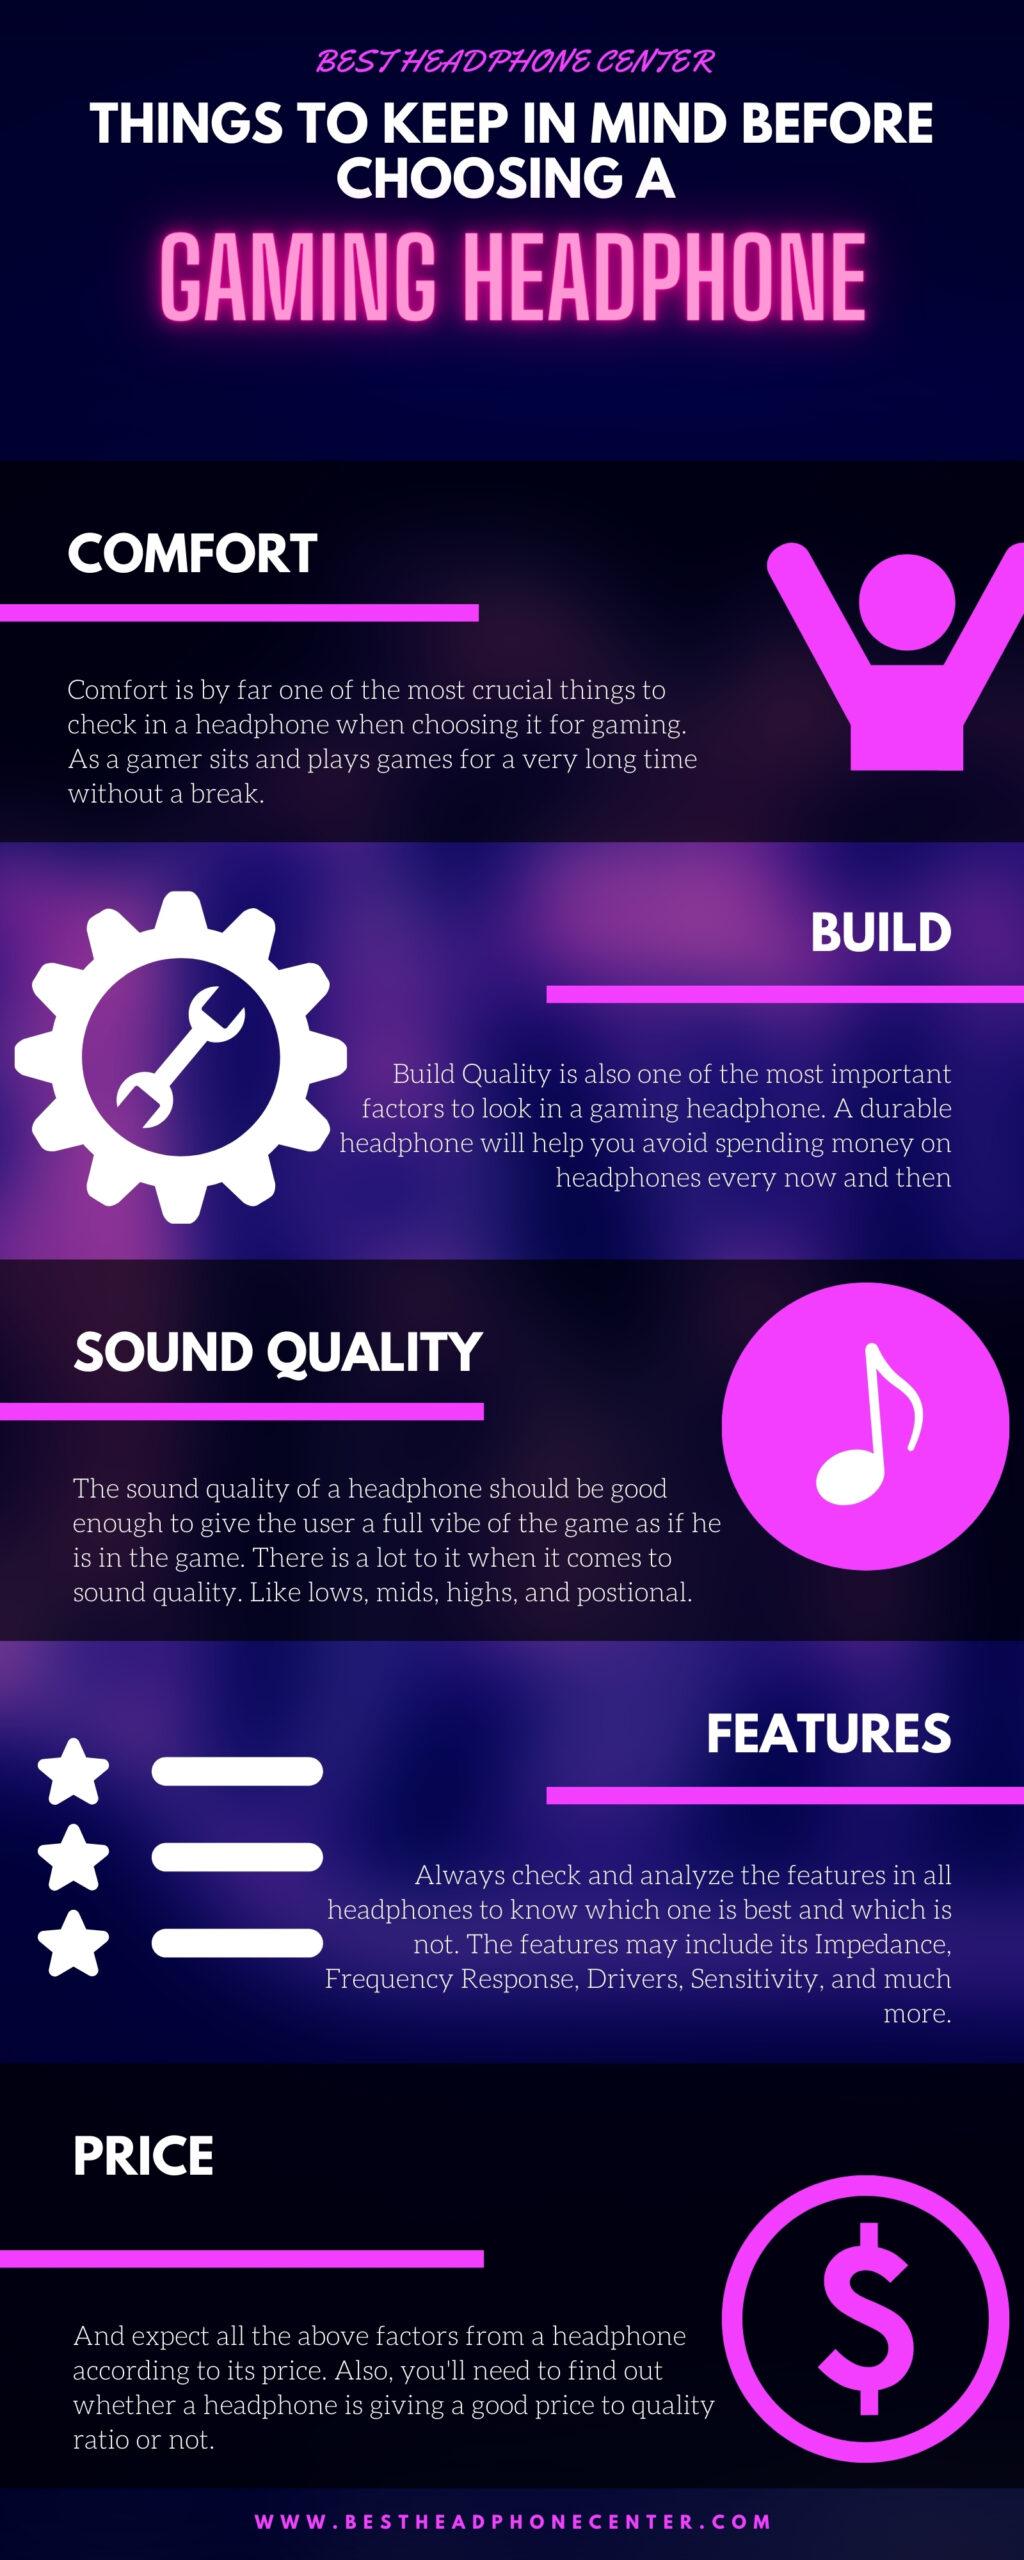 Things to Keep in Mind Before Choosing a Gaming Headphone (1)